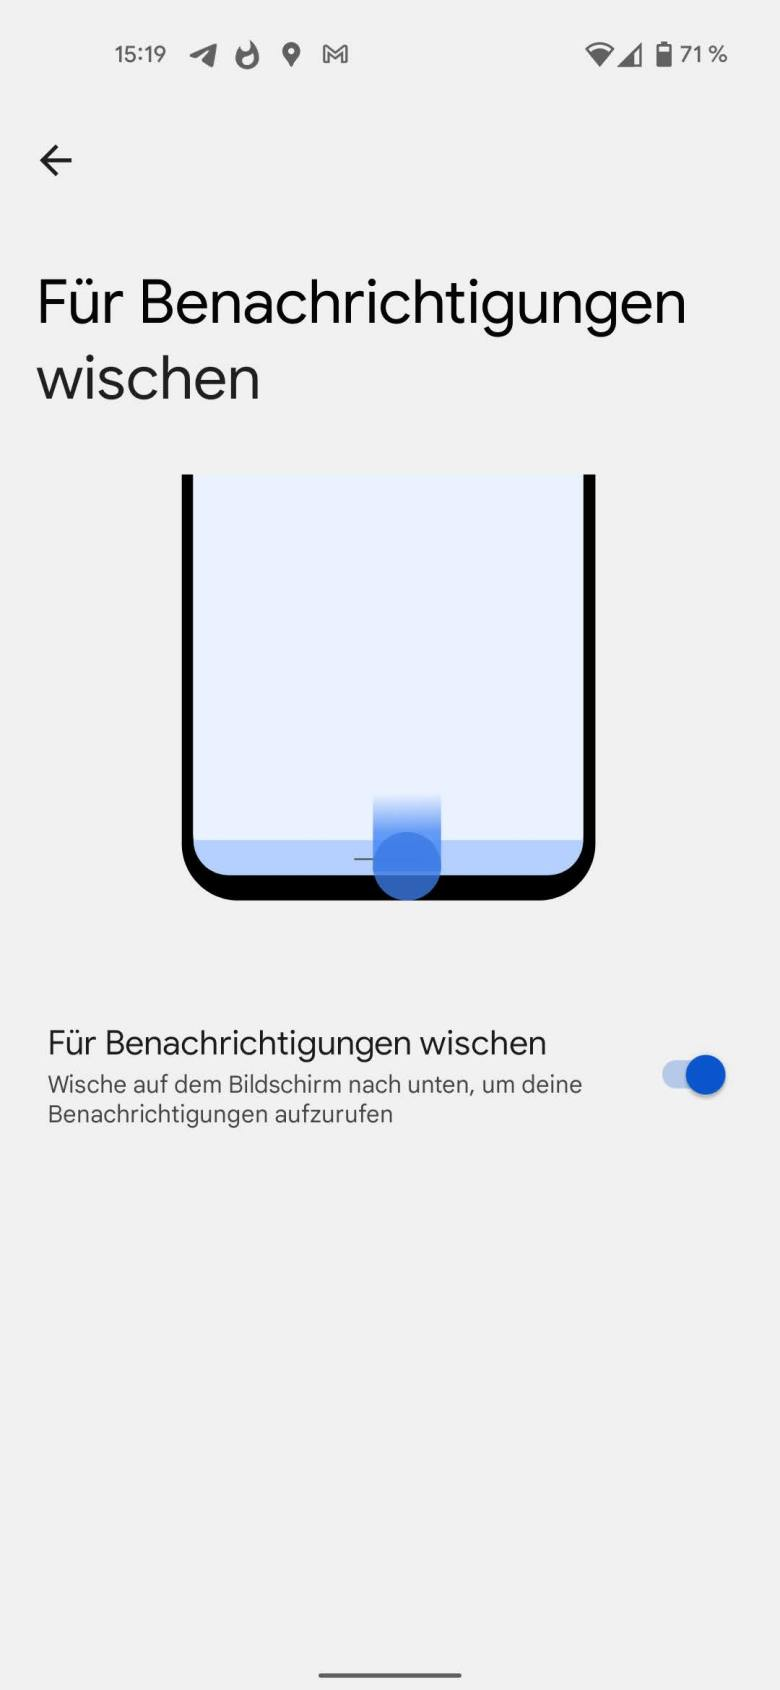 Android 12 Beta Benachrichtigungen Wischen